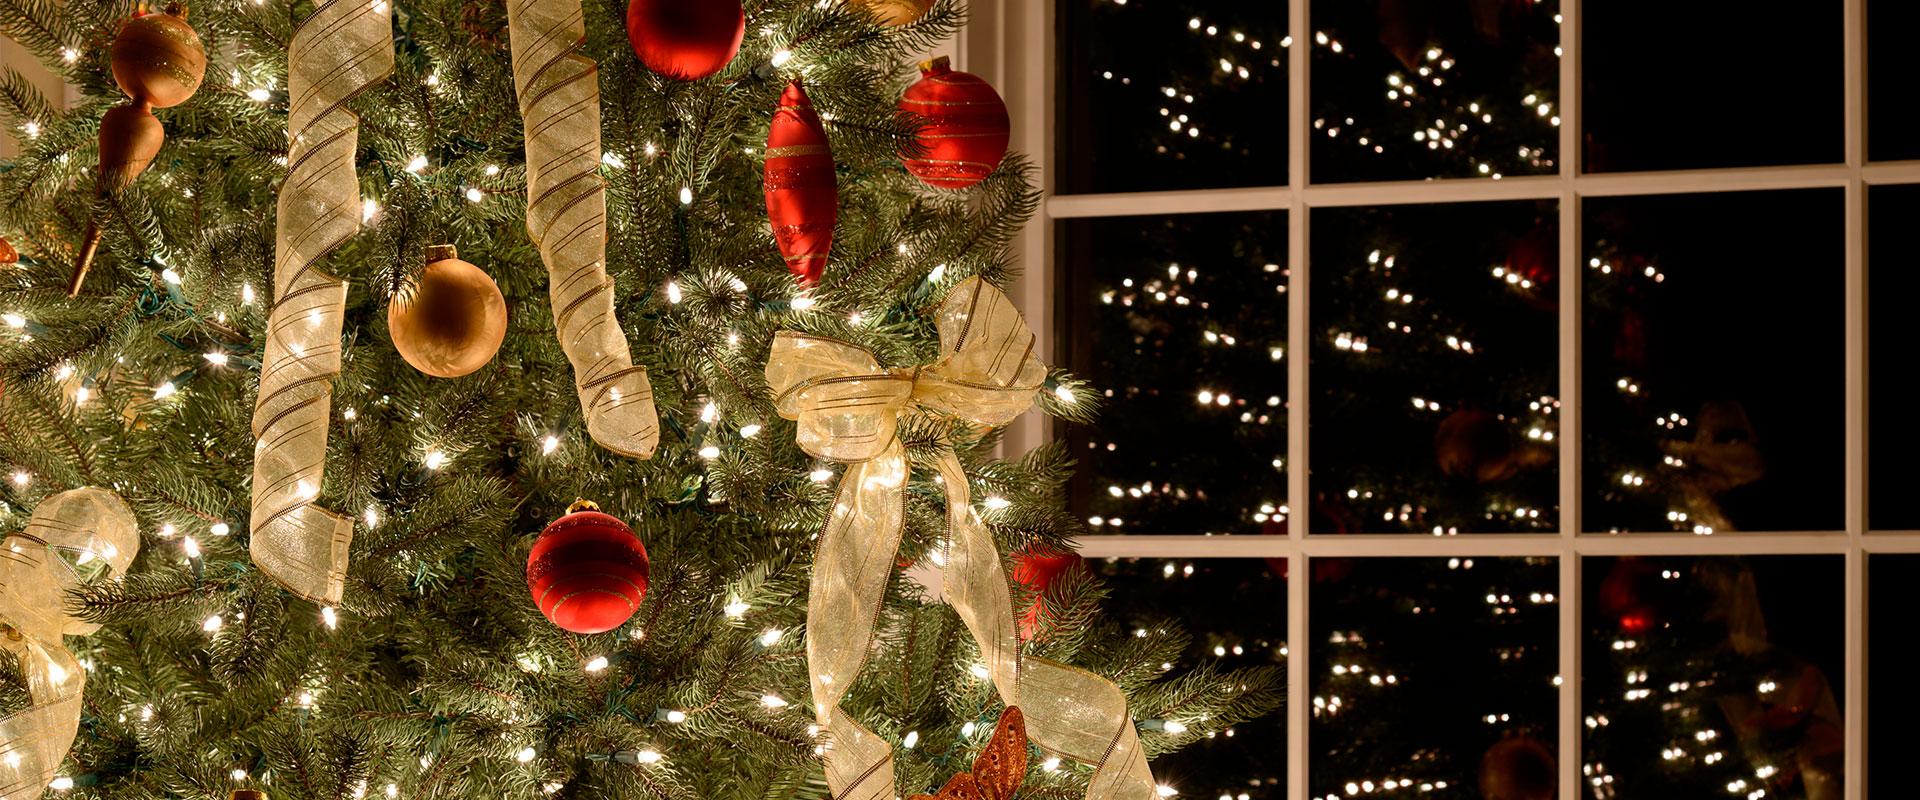 Árbol de Navidad con reflejo en la ventana y luces Startastic.